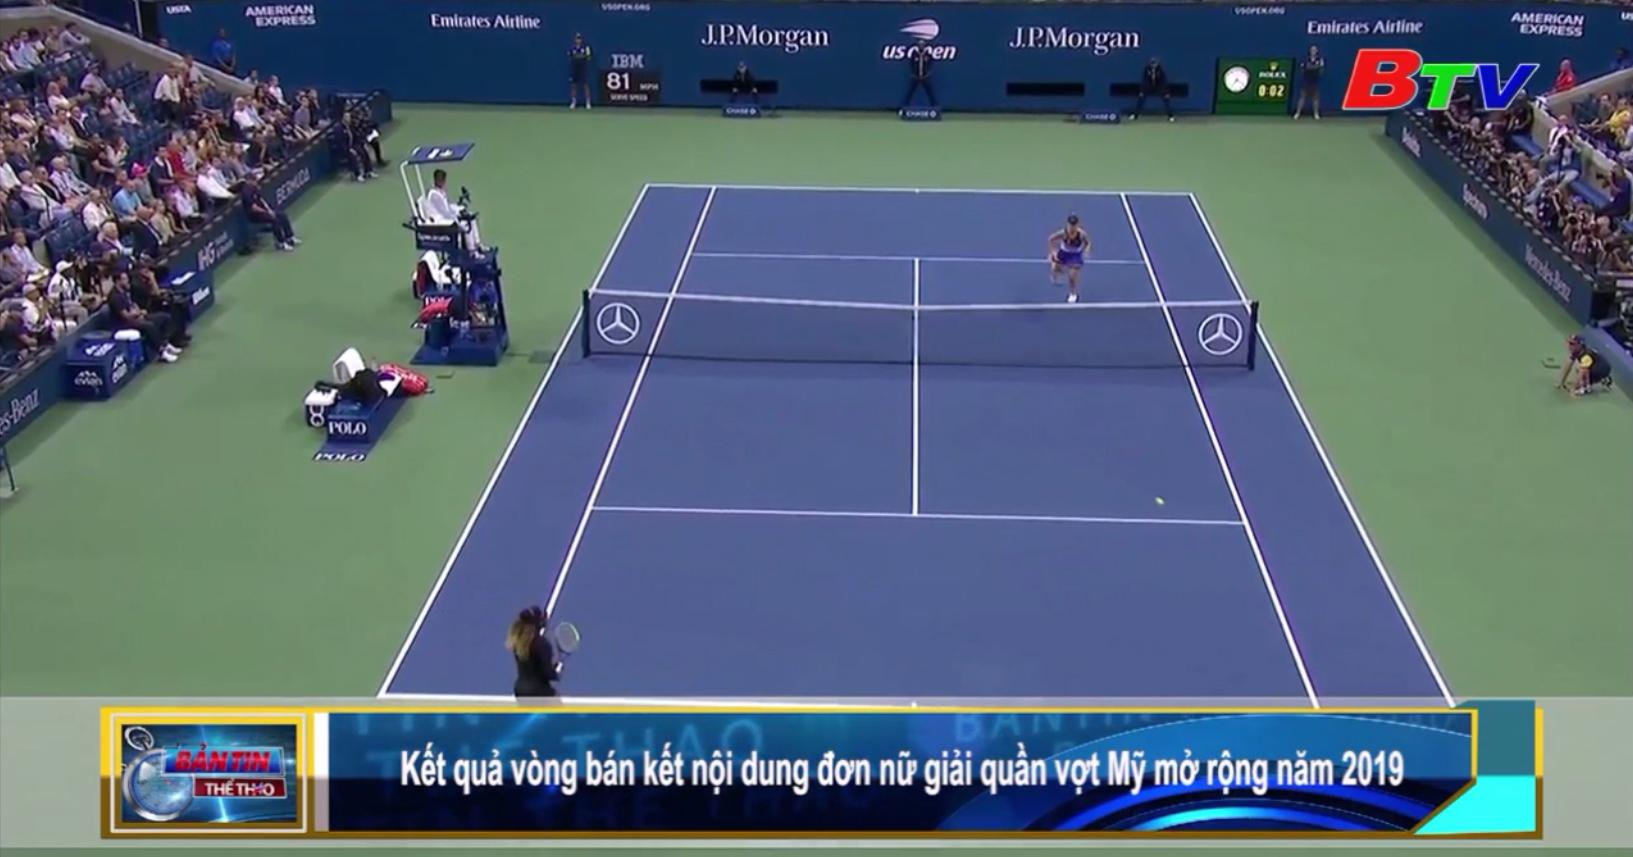 Kết quả vòng bán kết nội dung đơn nữ Giải quần vợt Mỹ mở rộng 2019